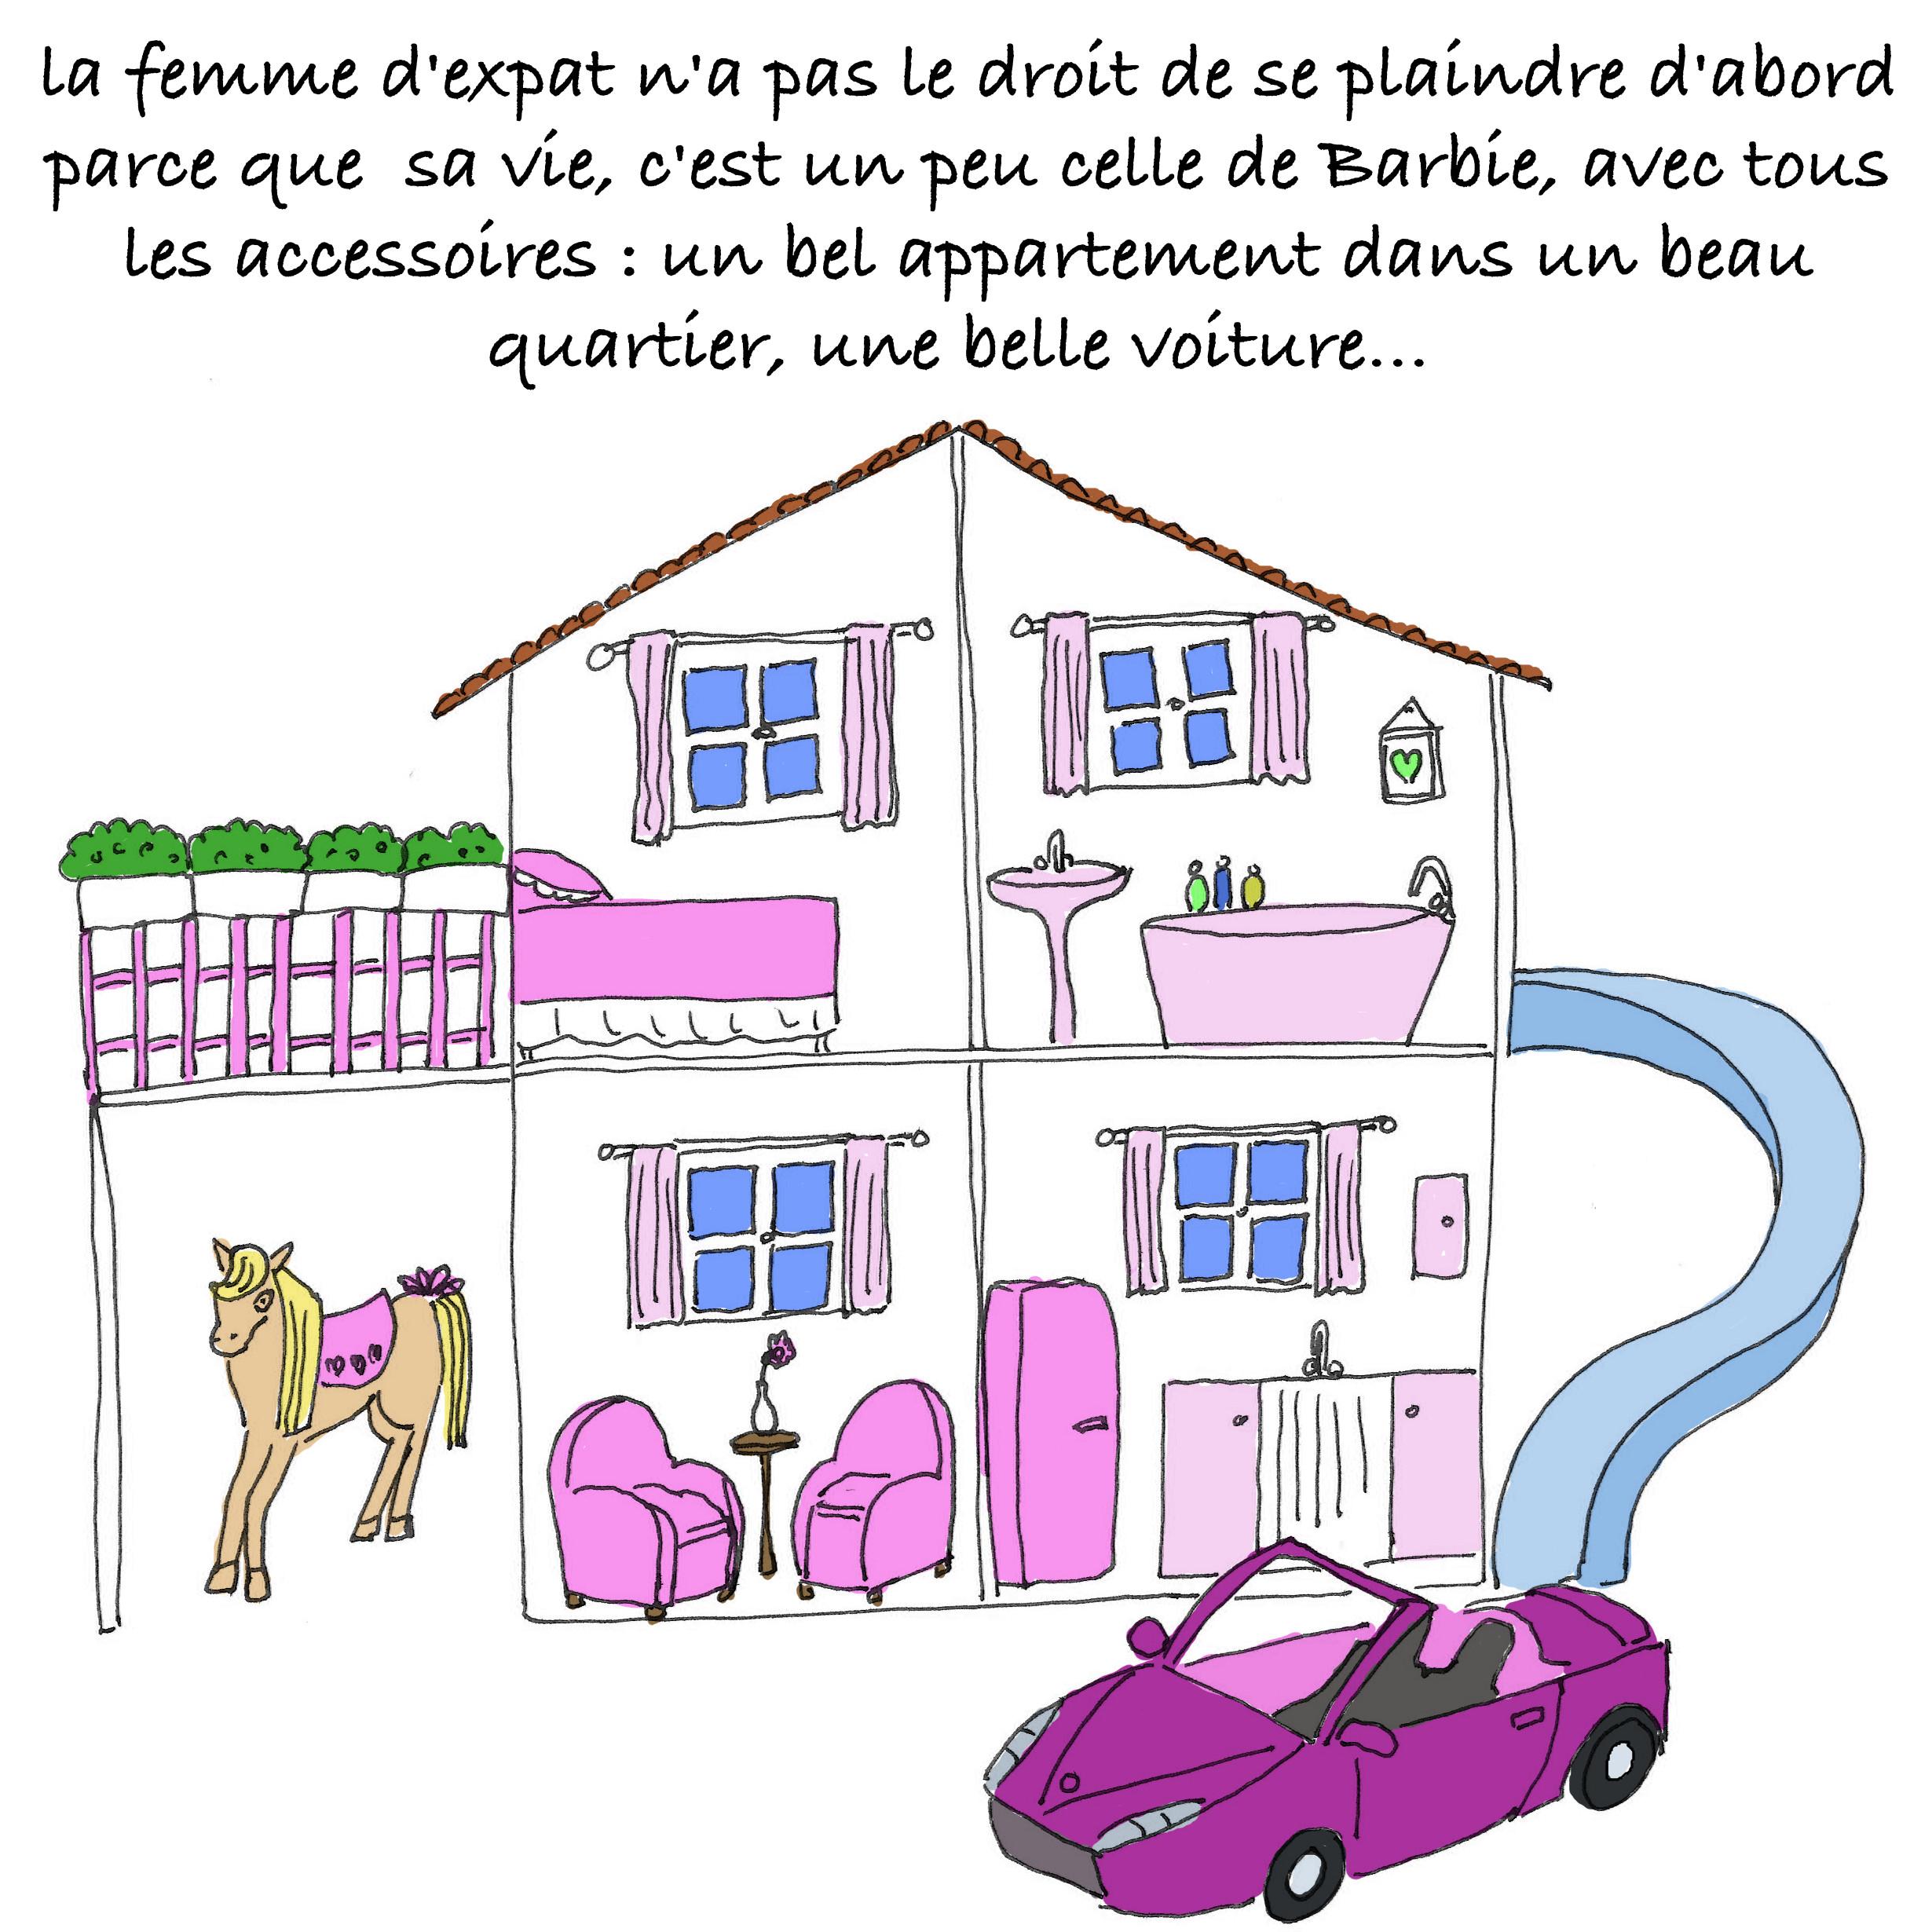 La femme d'expat n'a pas le droit de se plaindre, parce que sa vie, c'est celle de Barbie, avec la belle voiture et le poney.